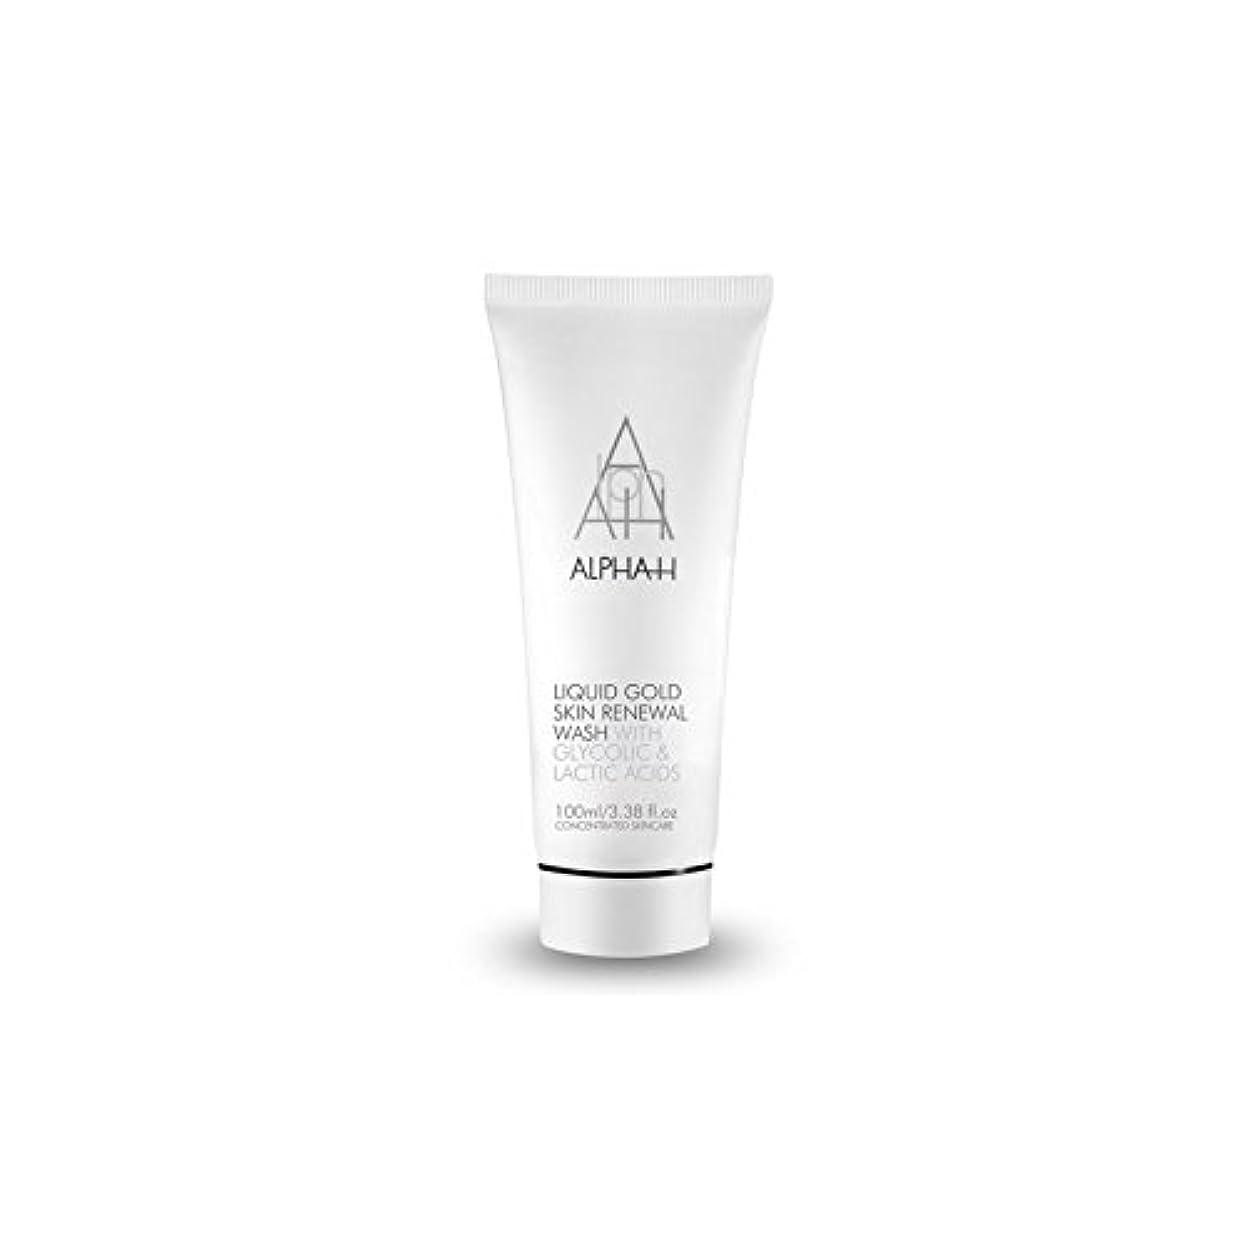 クラックポット地域異なるAlpha H Gold Skin Renewal Wash (100ml) (Pack of 6) - アルファのゴールドスキンリニューアルウォッシュ(100ミリリットル) x6 [並行輸入品]